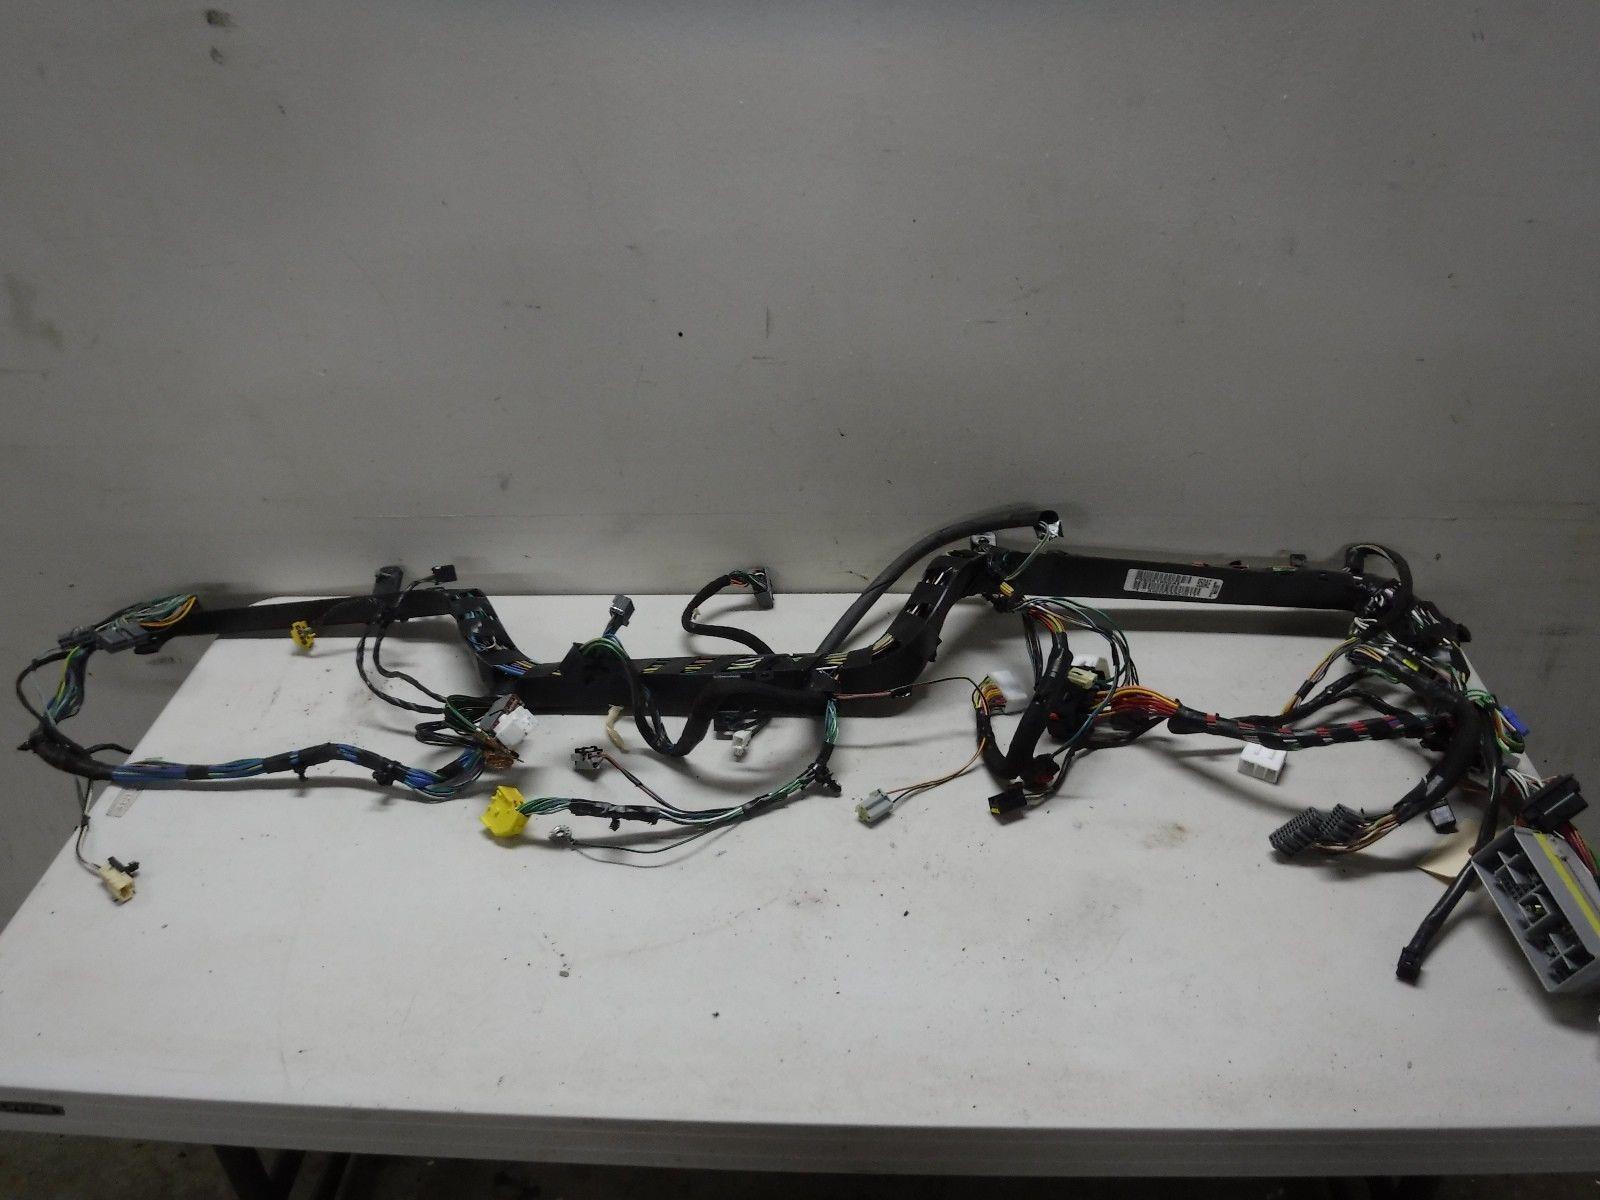 hight resolution of detalles acerca de 2003 a 2004 dodge ram auto 4x4 5 slt 5 7 hemi dash arn s de cableado p56051950ae mostrar t tulo original